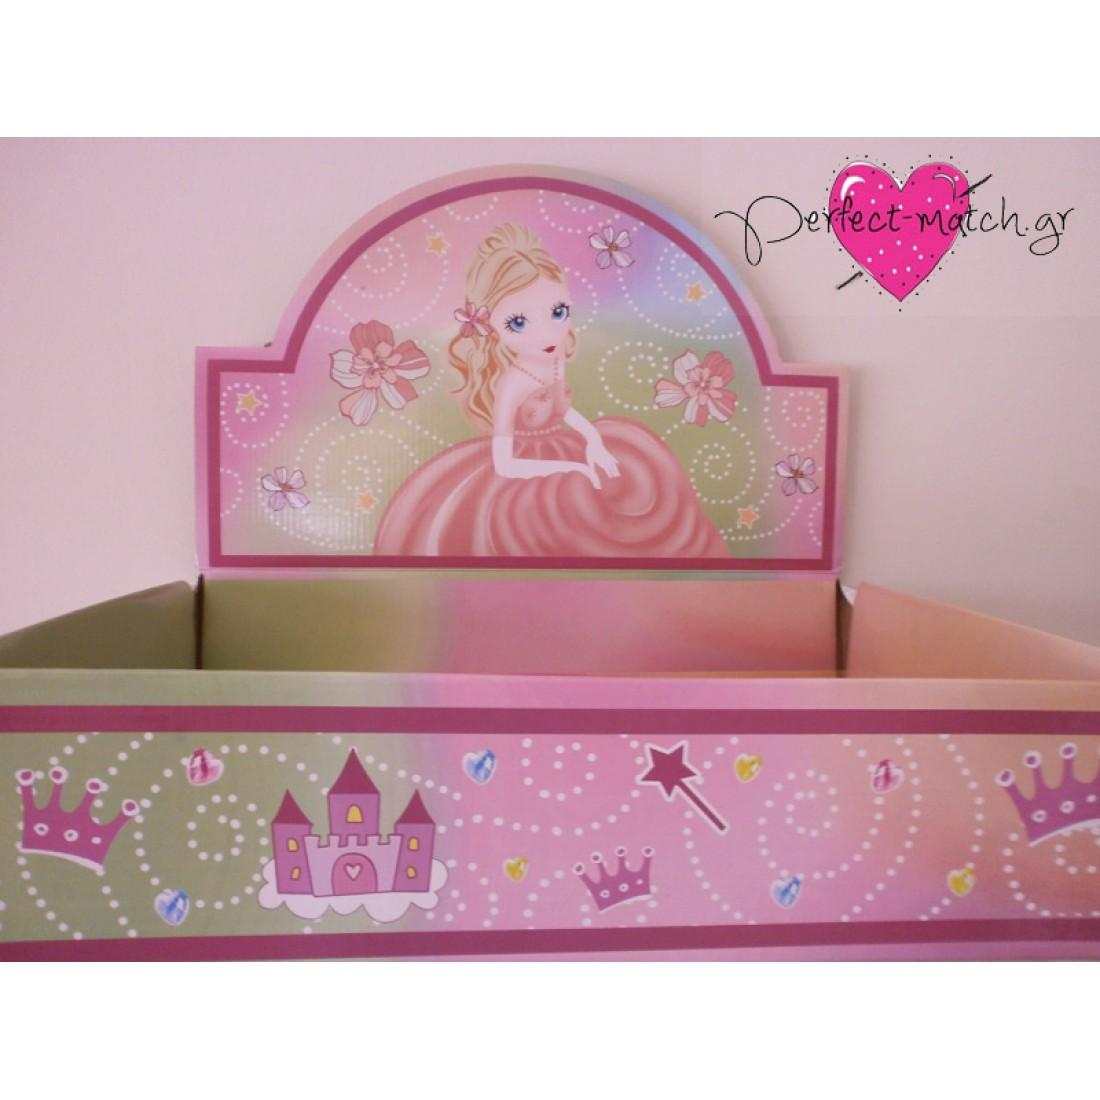 Χάρτινο Μεγάλο Κουτί Ροζ bd35a0b1a6b